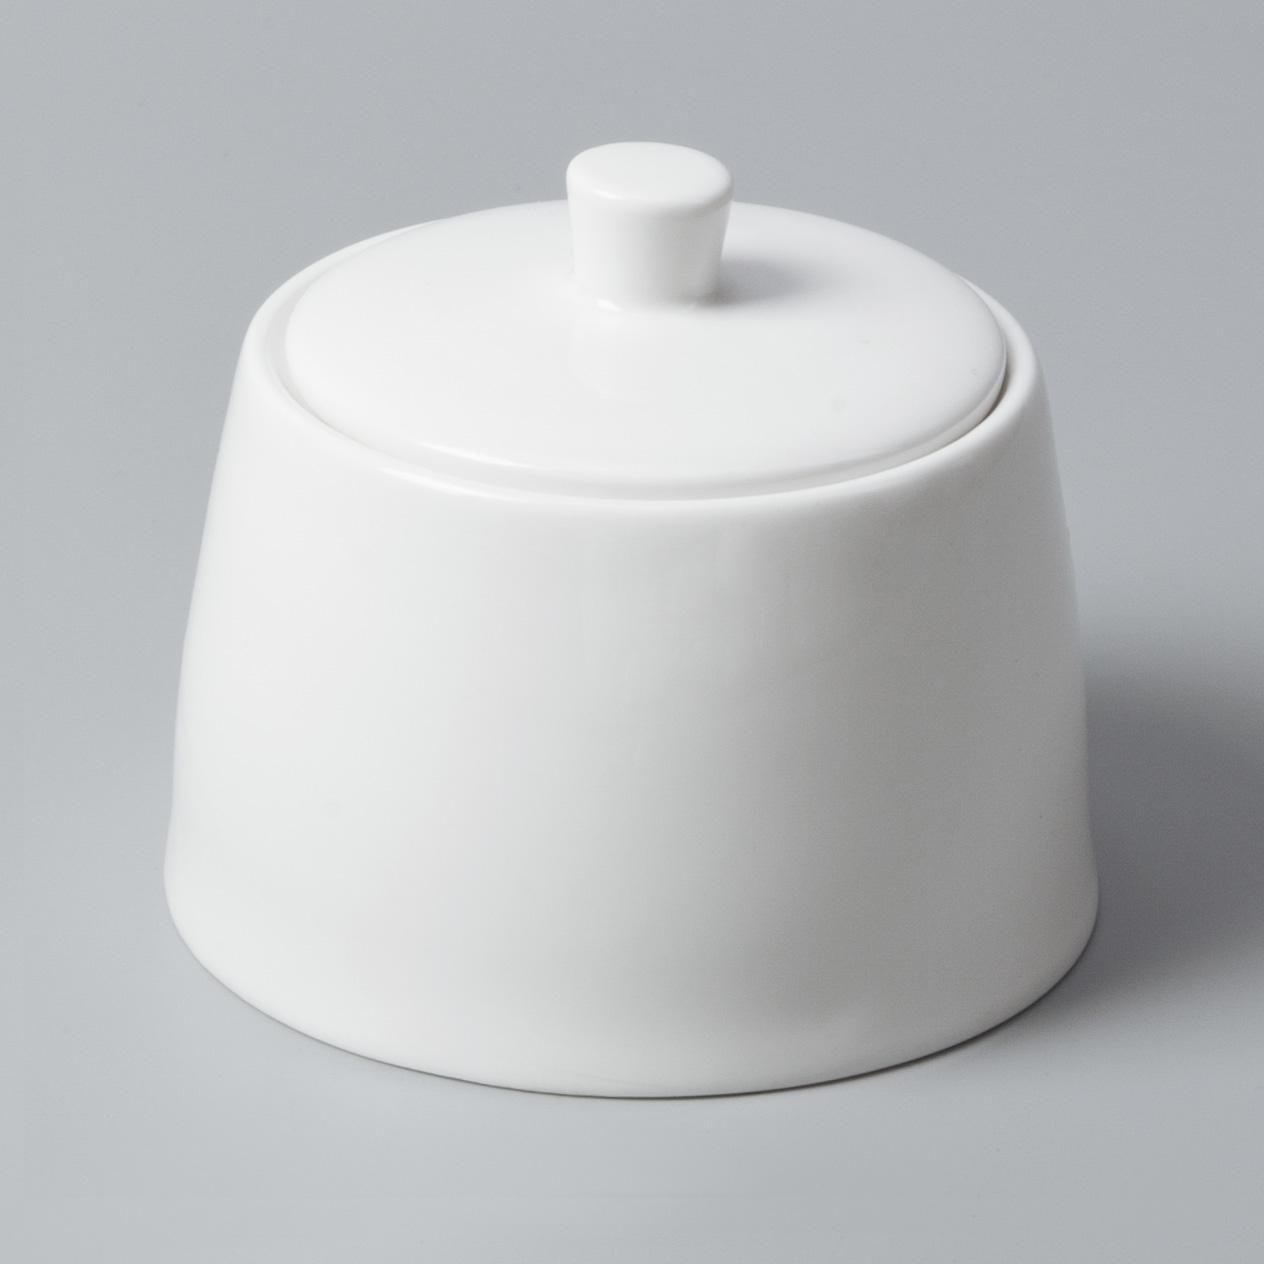 Two Eight bulk cheap porcelain dinner plates from China for dinner-6